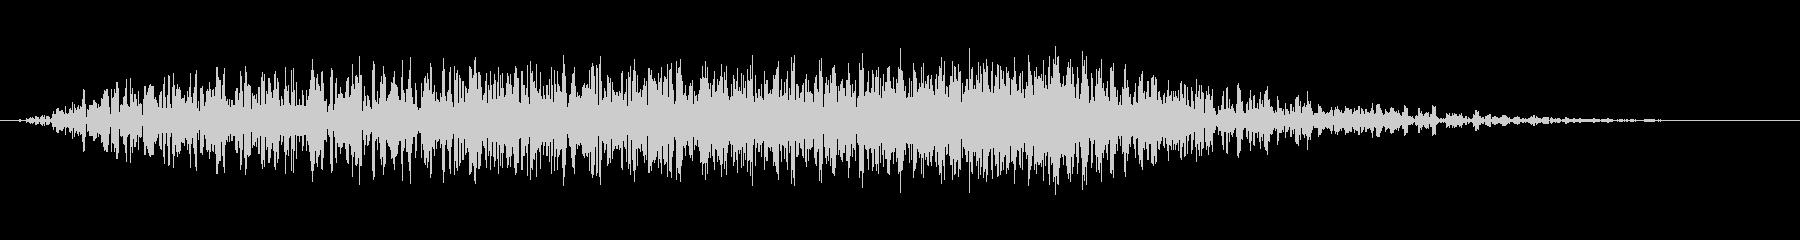 ダークサイド1の未再生の波形